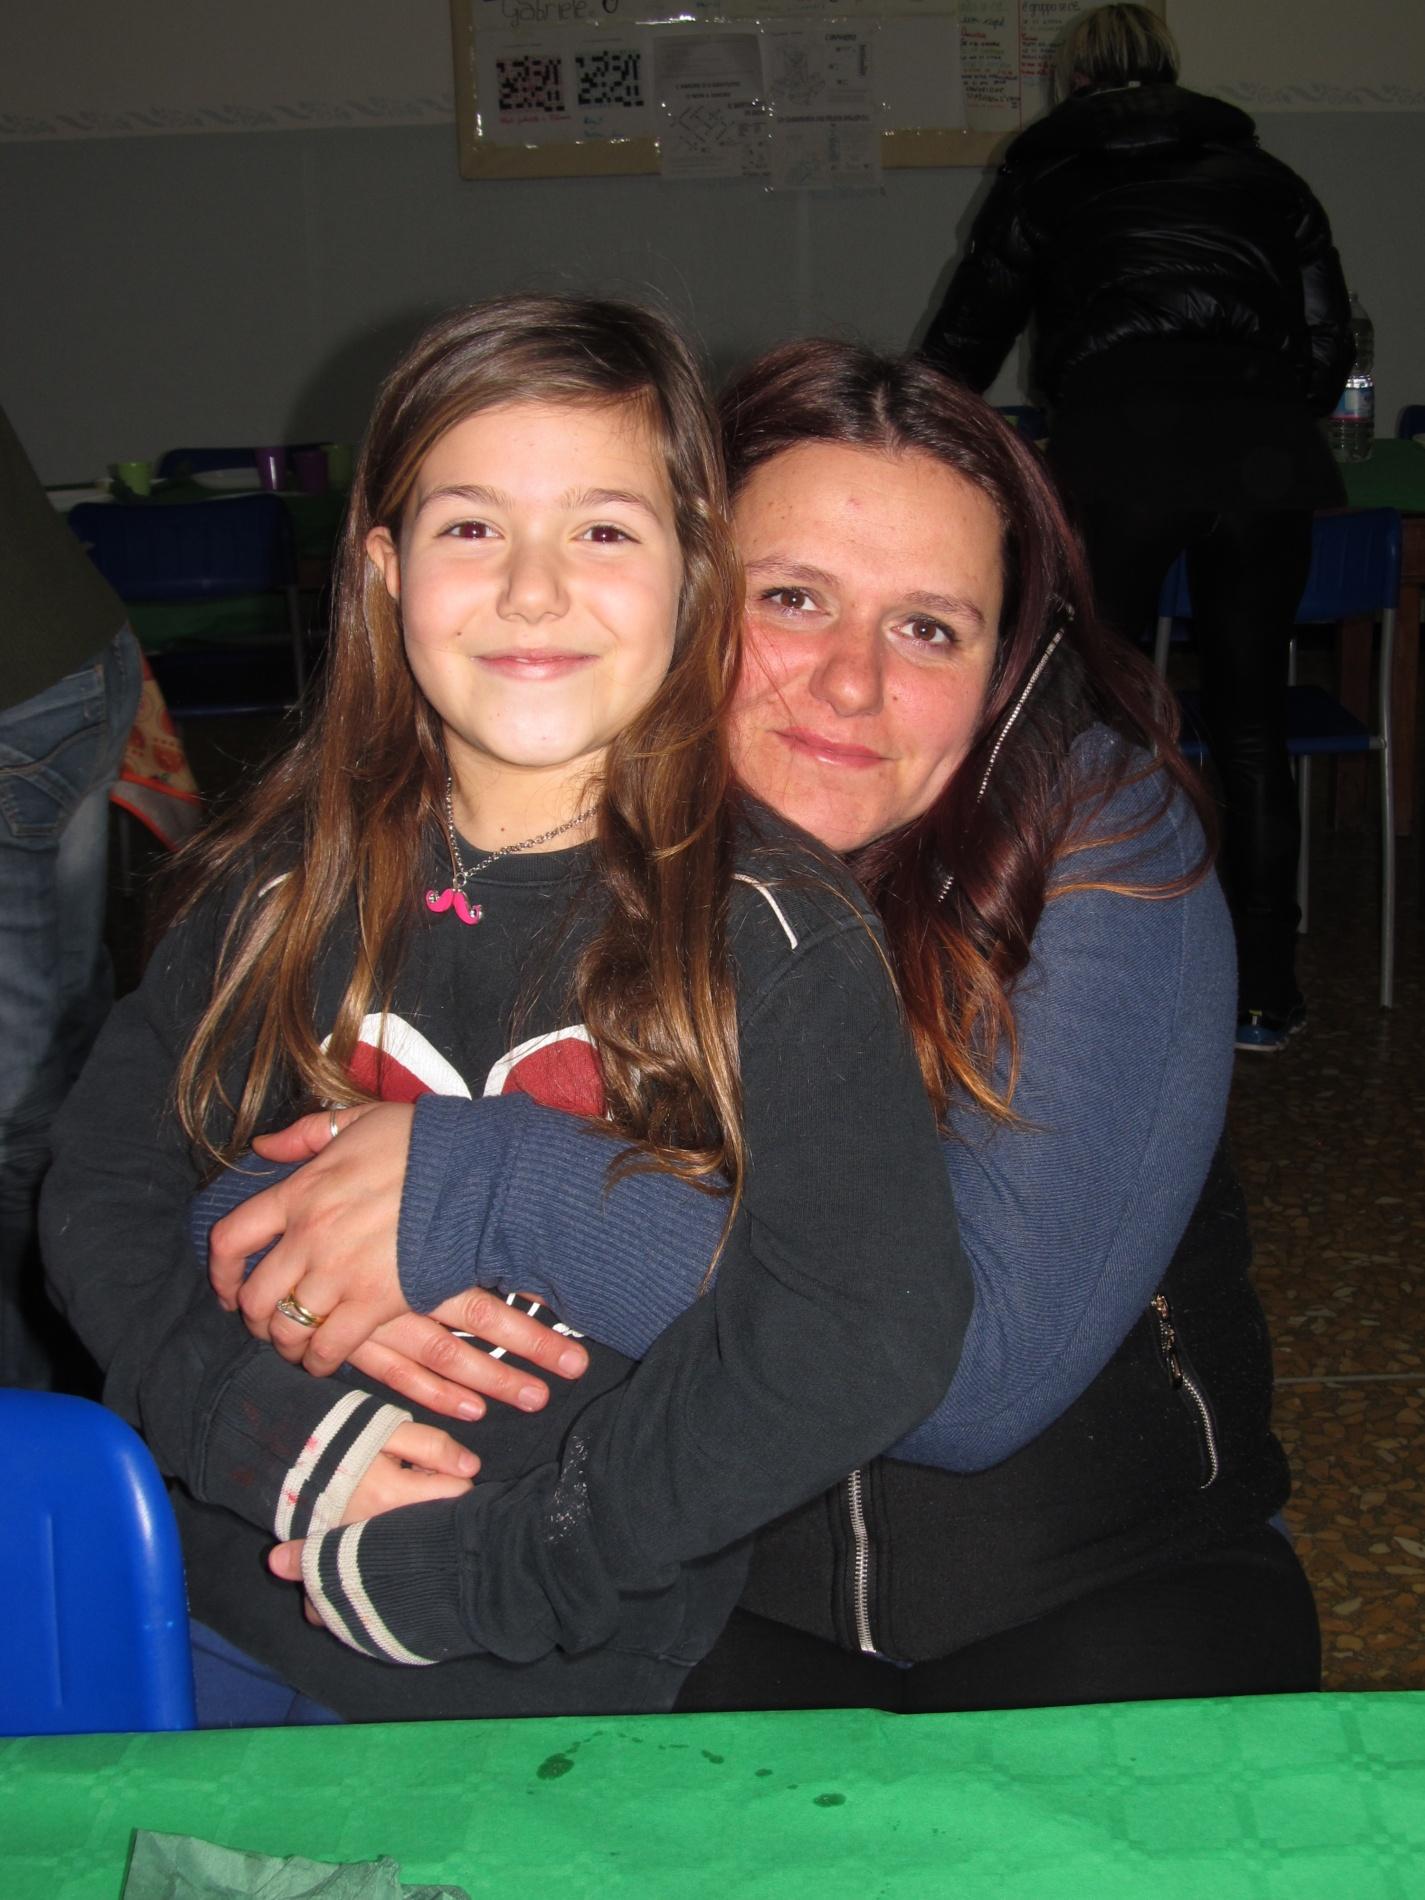 cena-famiglie-comunione-2015-02-07-20-24-13